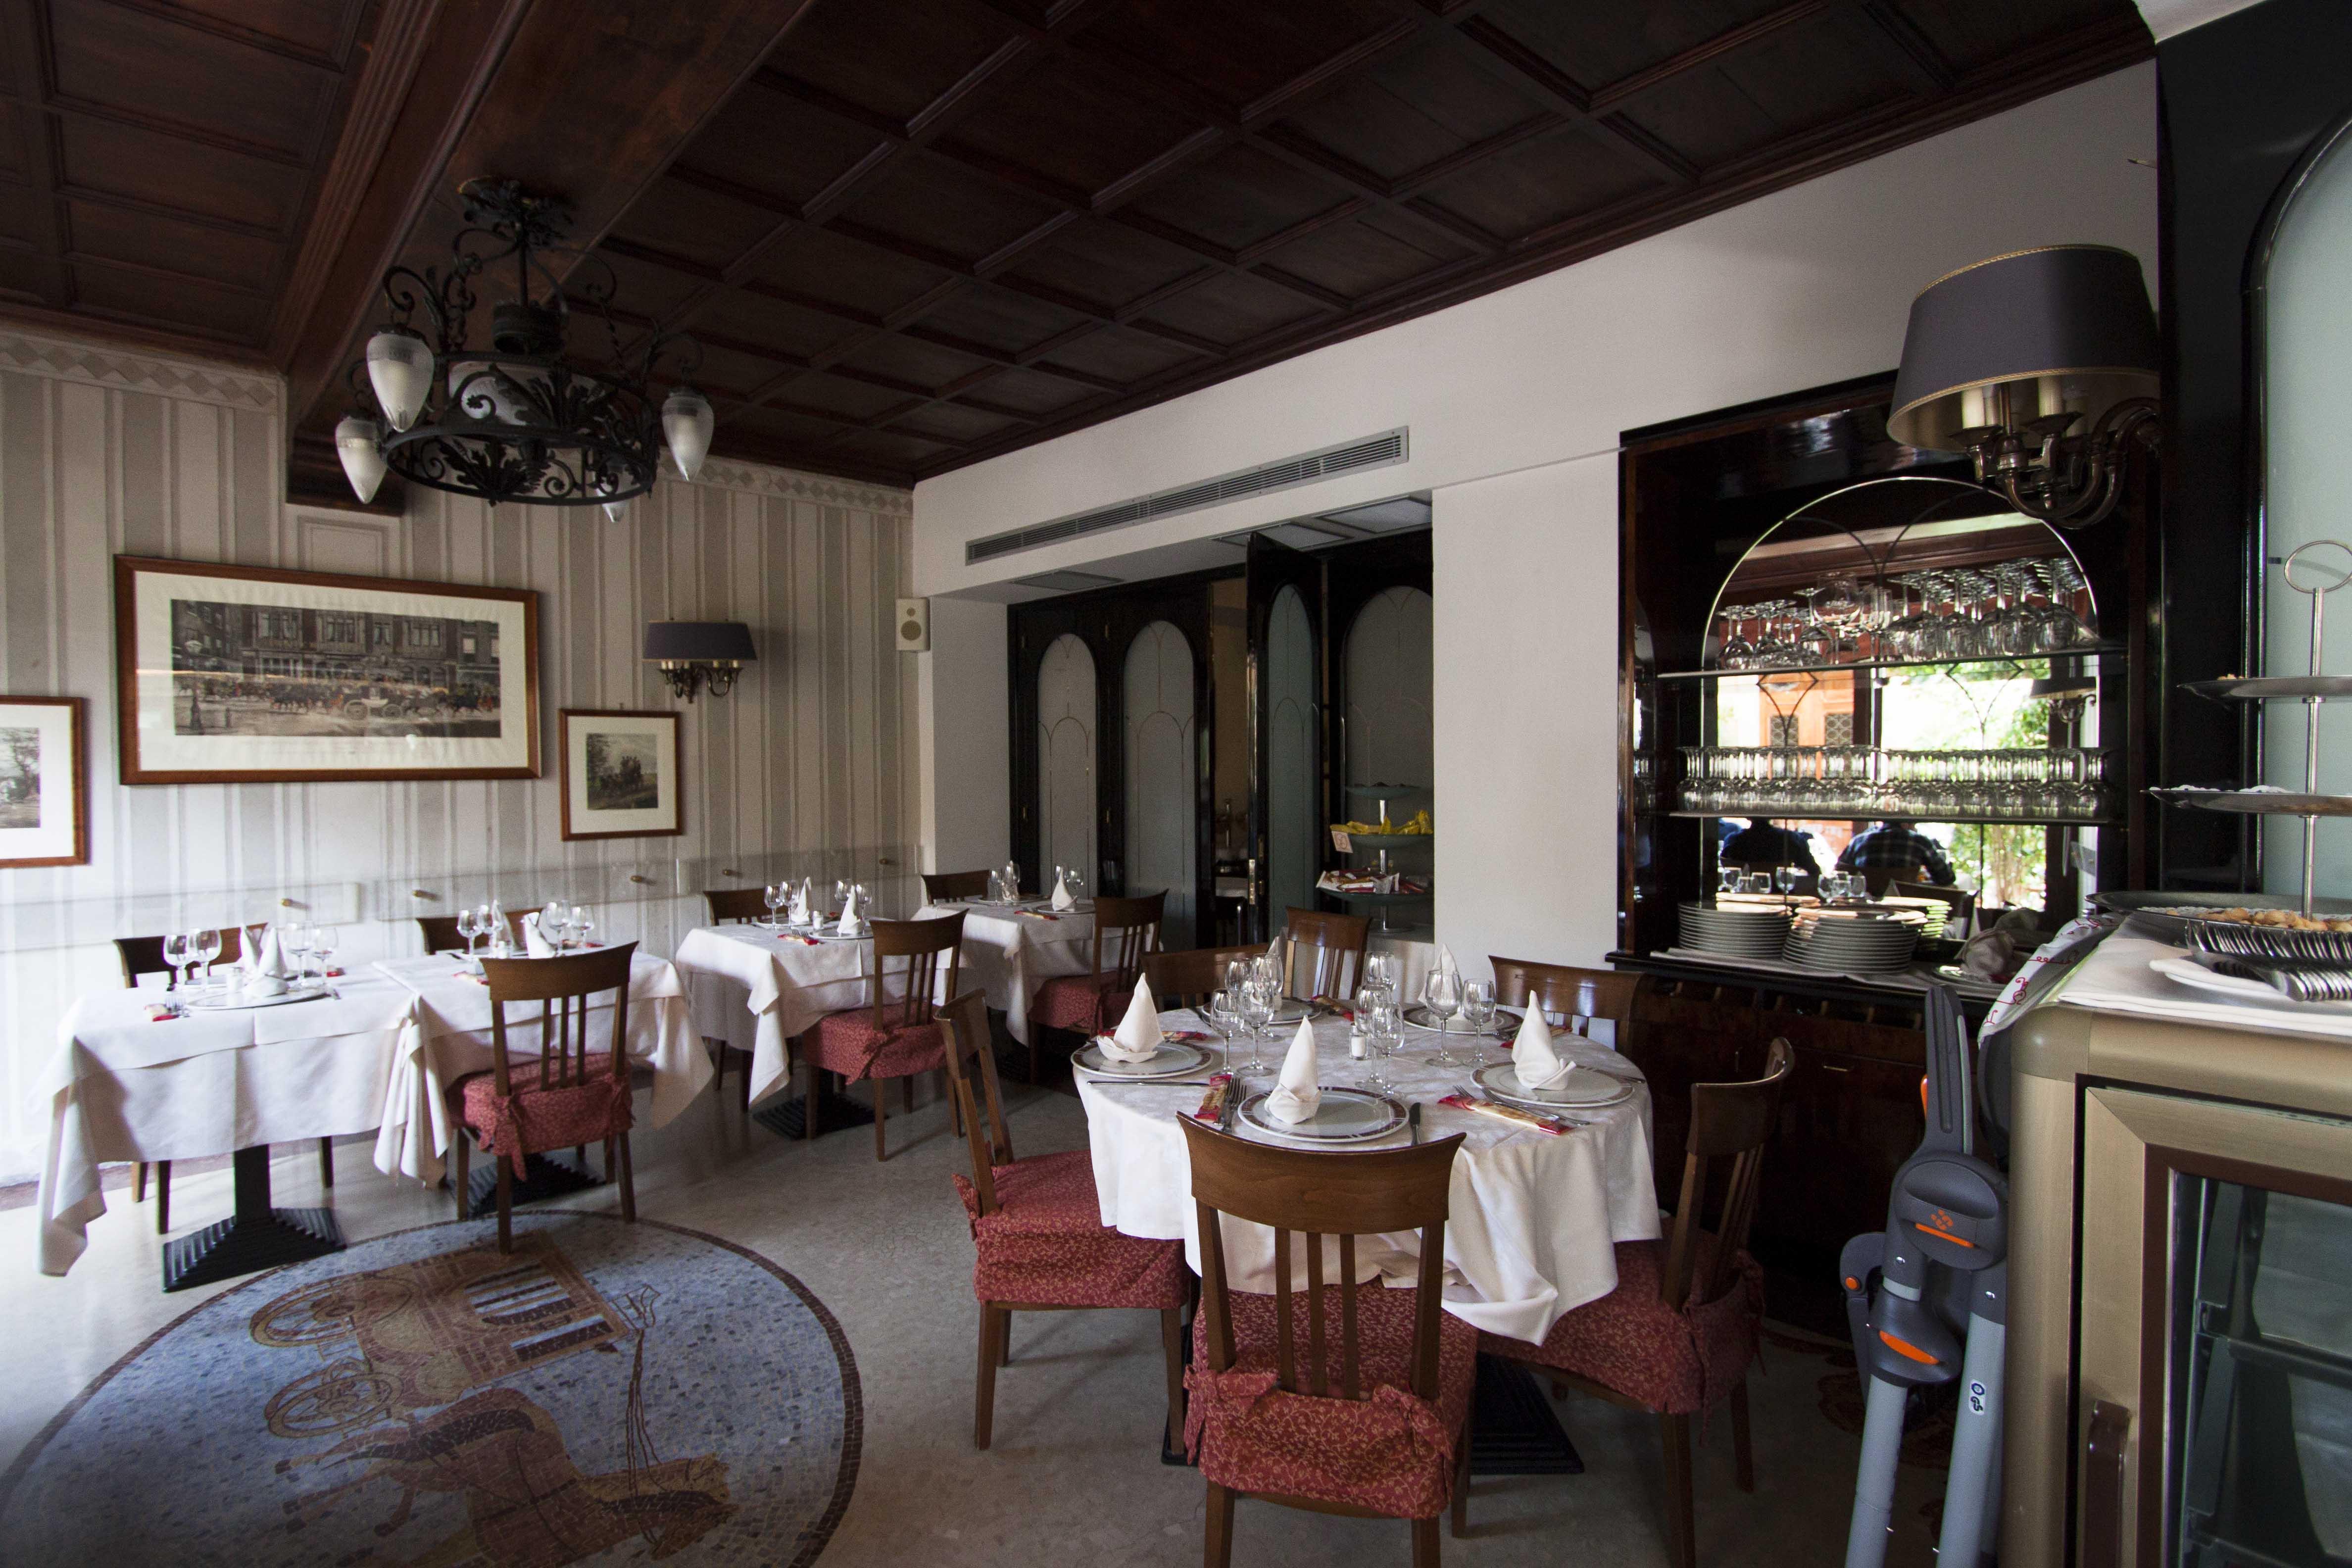 La cucina del lago di como in tavola al ristorante la veranda - Cucina in veranda ...